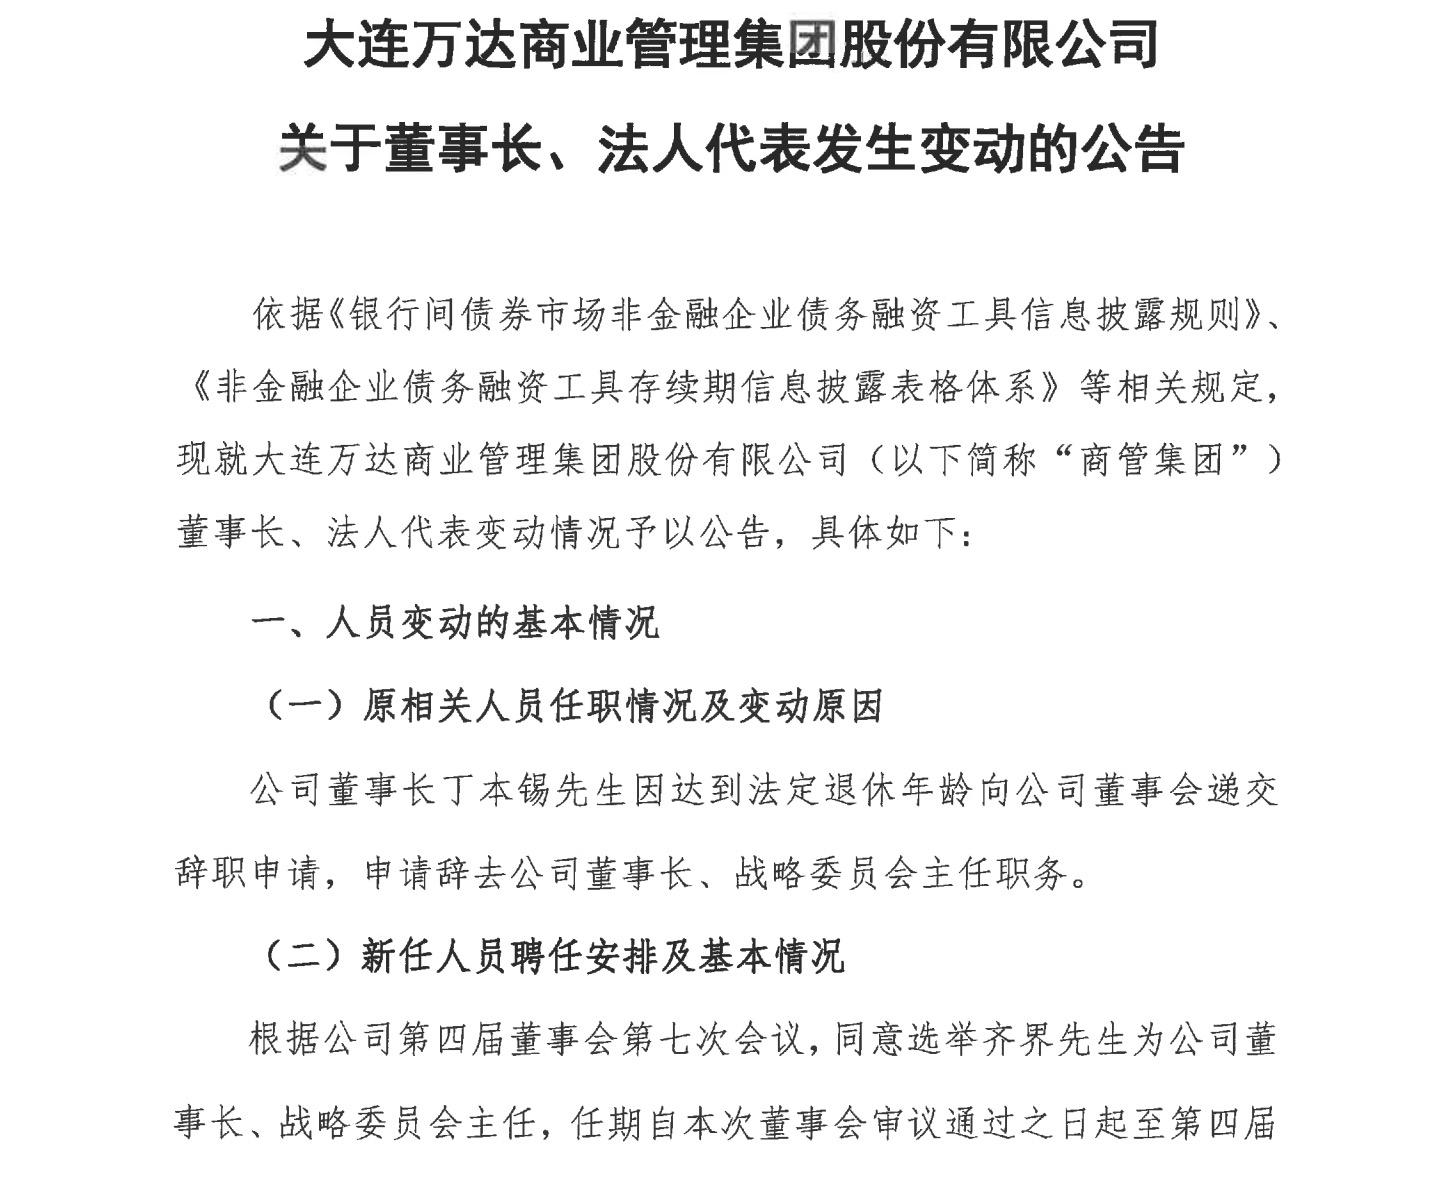 万达商管:丁本锡董事长退休 选举齐界为新任董事长-中国网地产